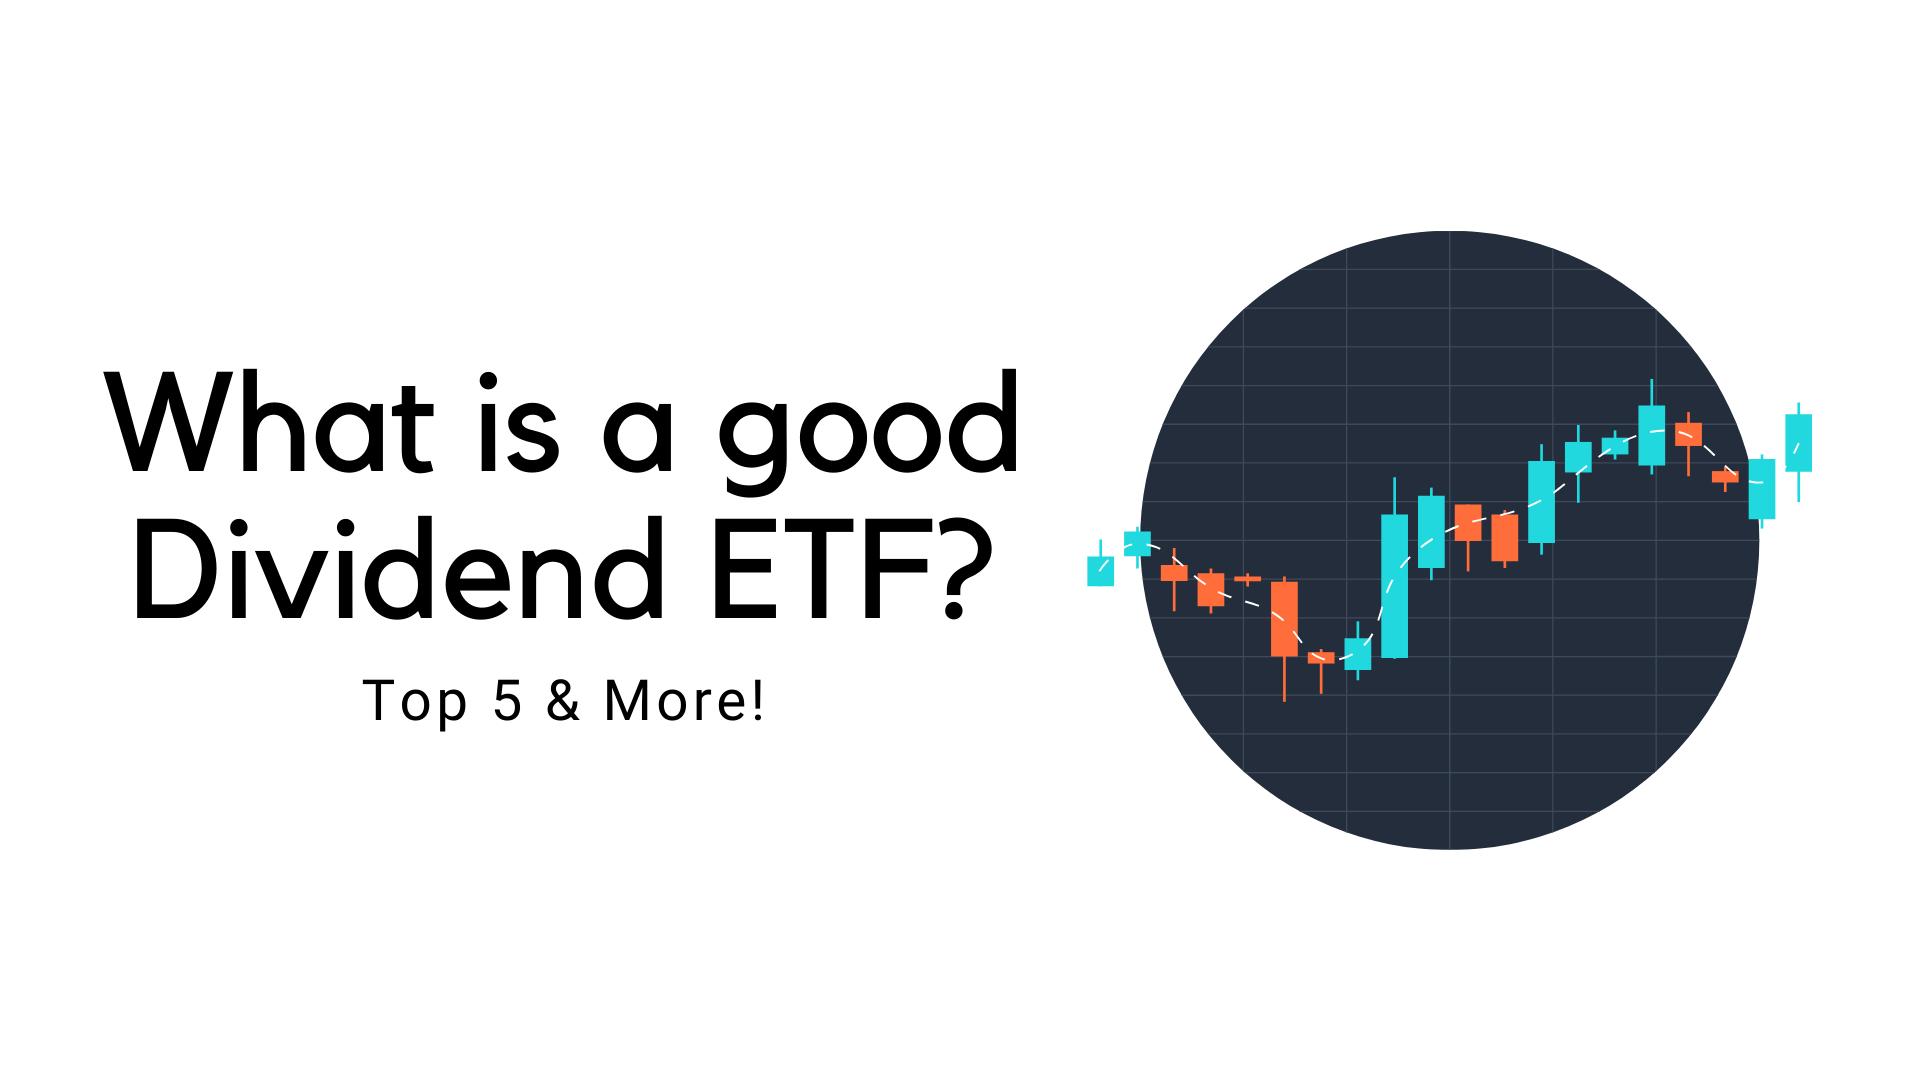 Dividend ETF